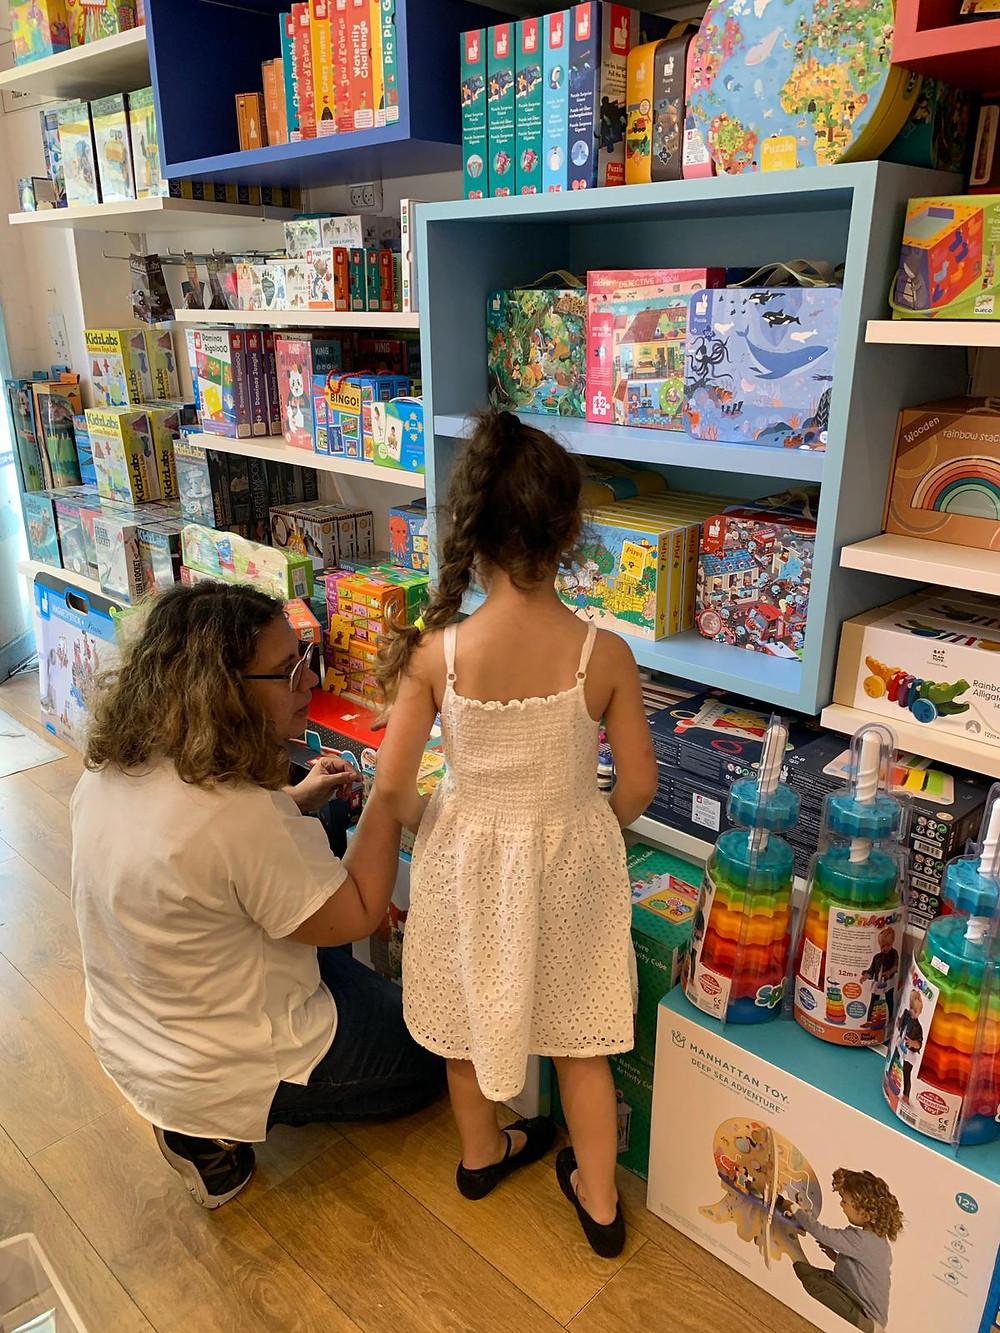 חמוטל ממליצה על מתנות וצעצועים בחפש את המטמון